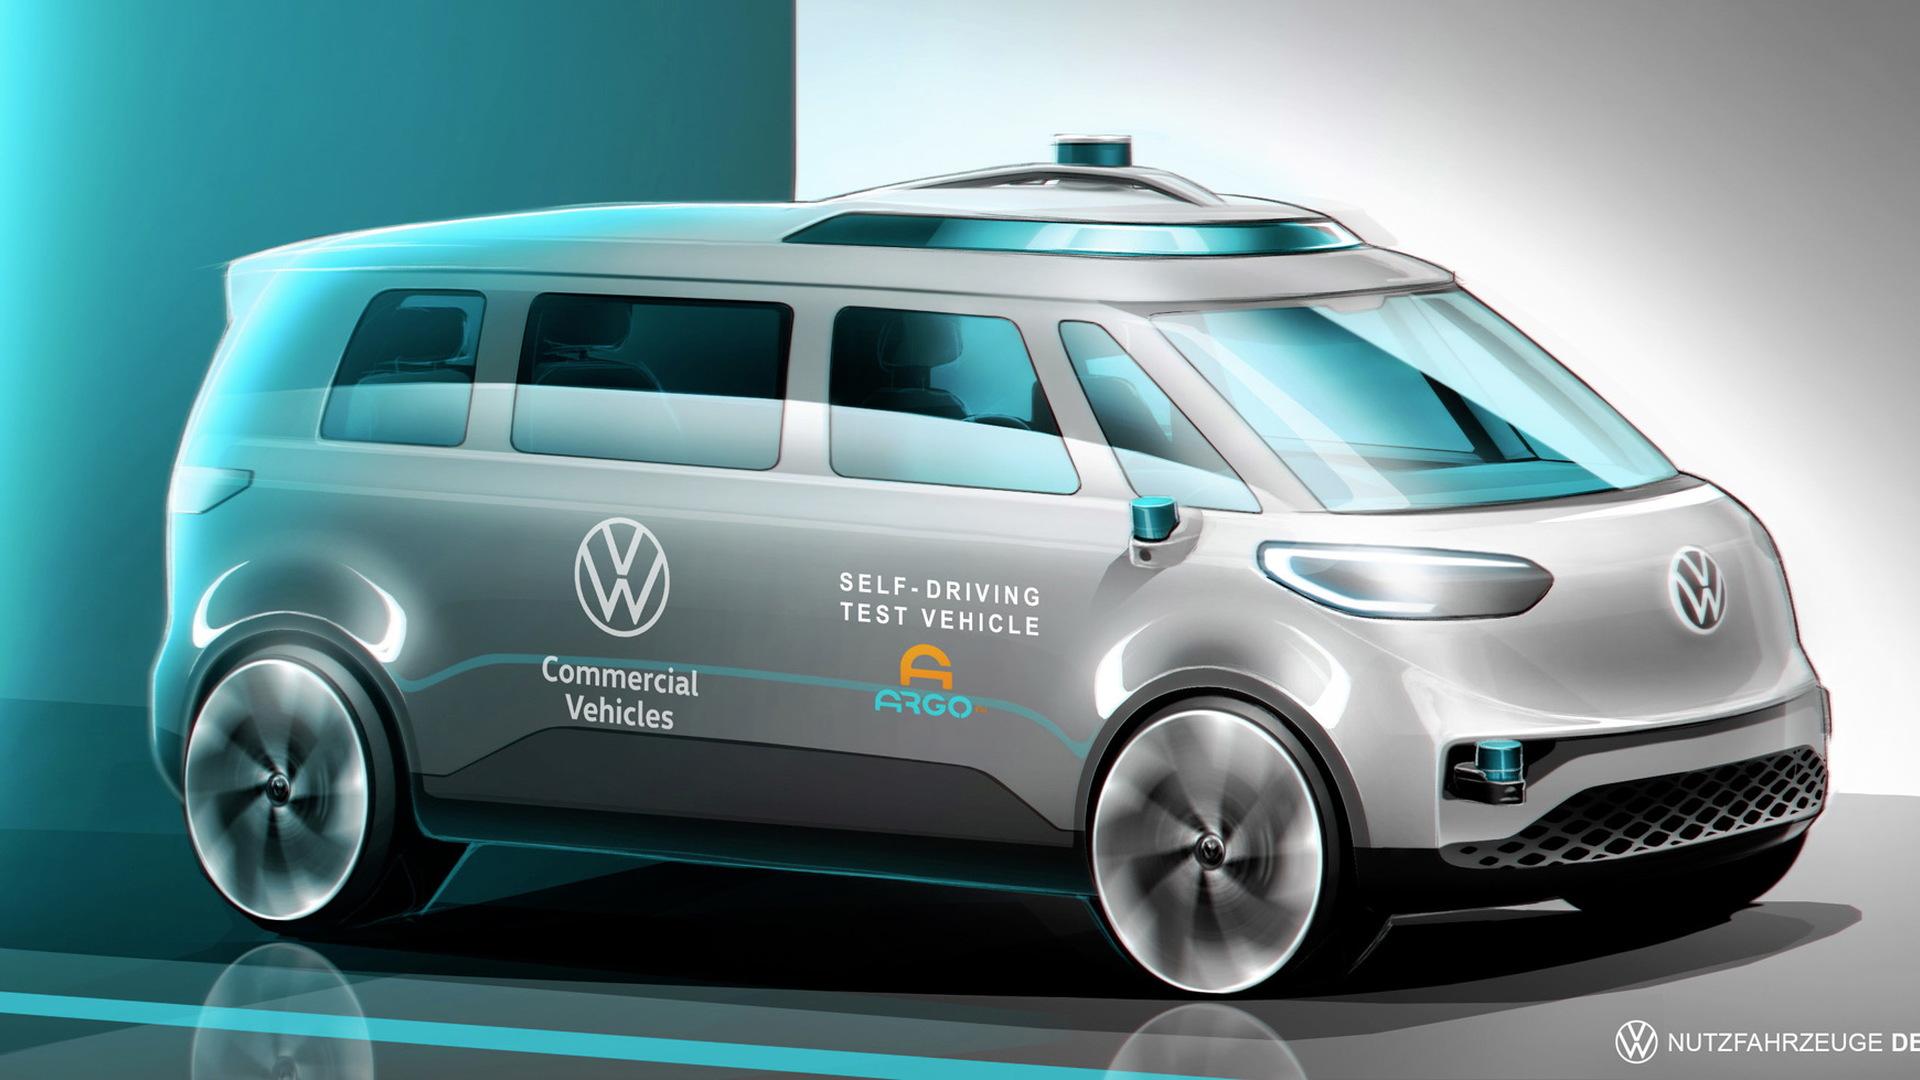 Teaser sketch for self-driving Volkswagen van due in 2025